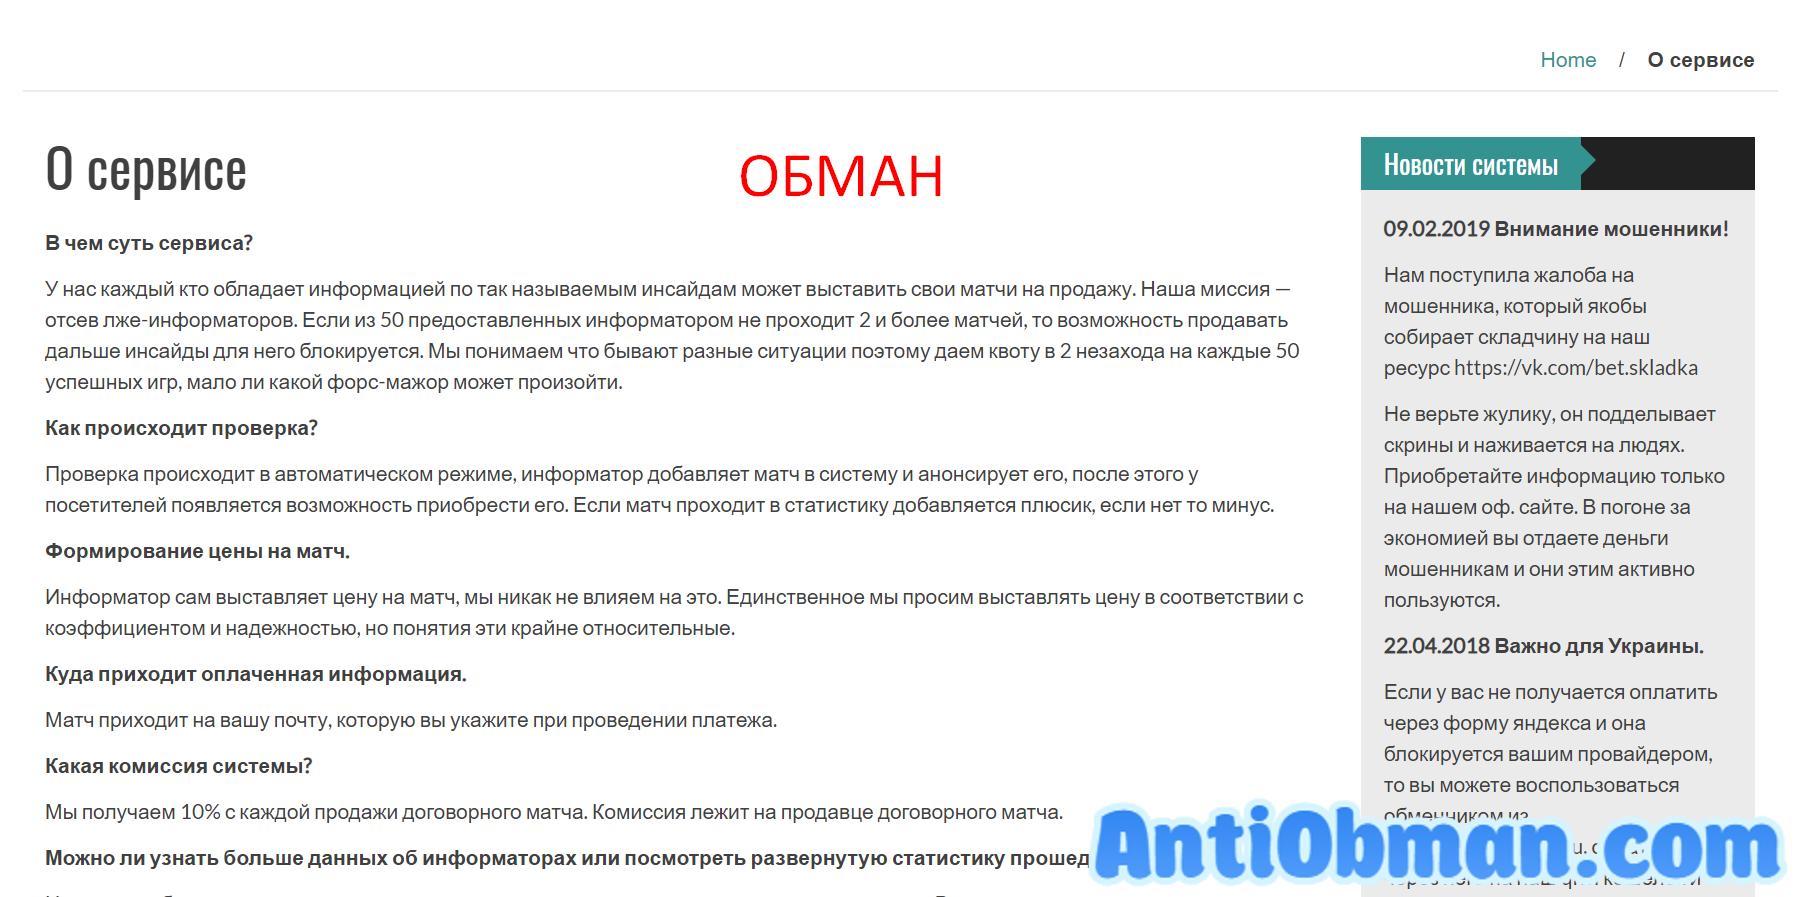 Отзывы о бирже капперов parktruefost.ru. Можно верить?